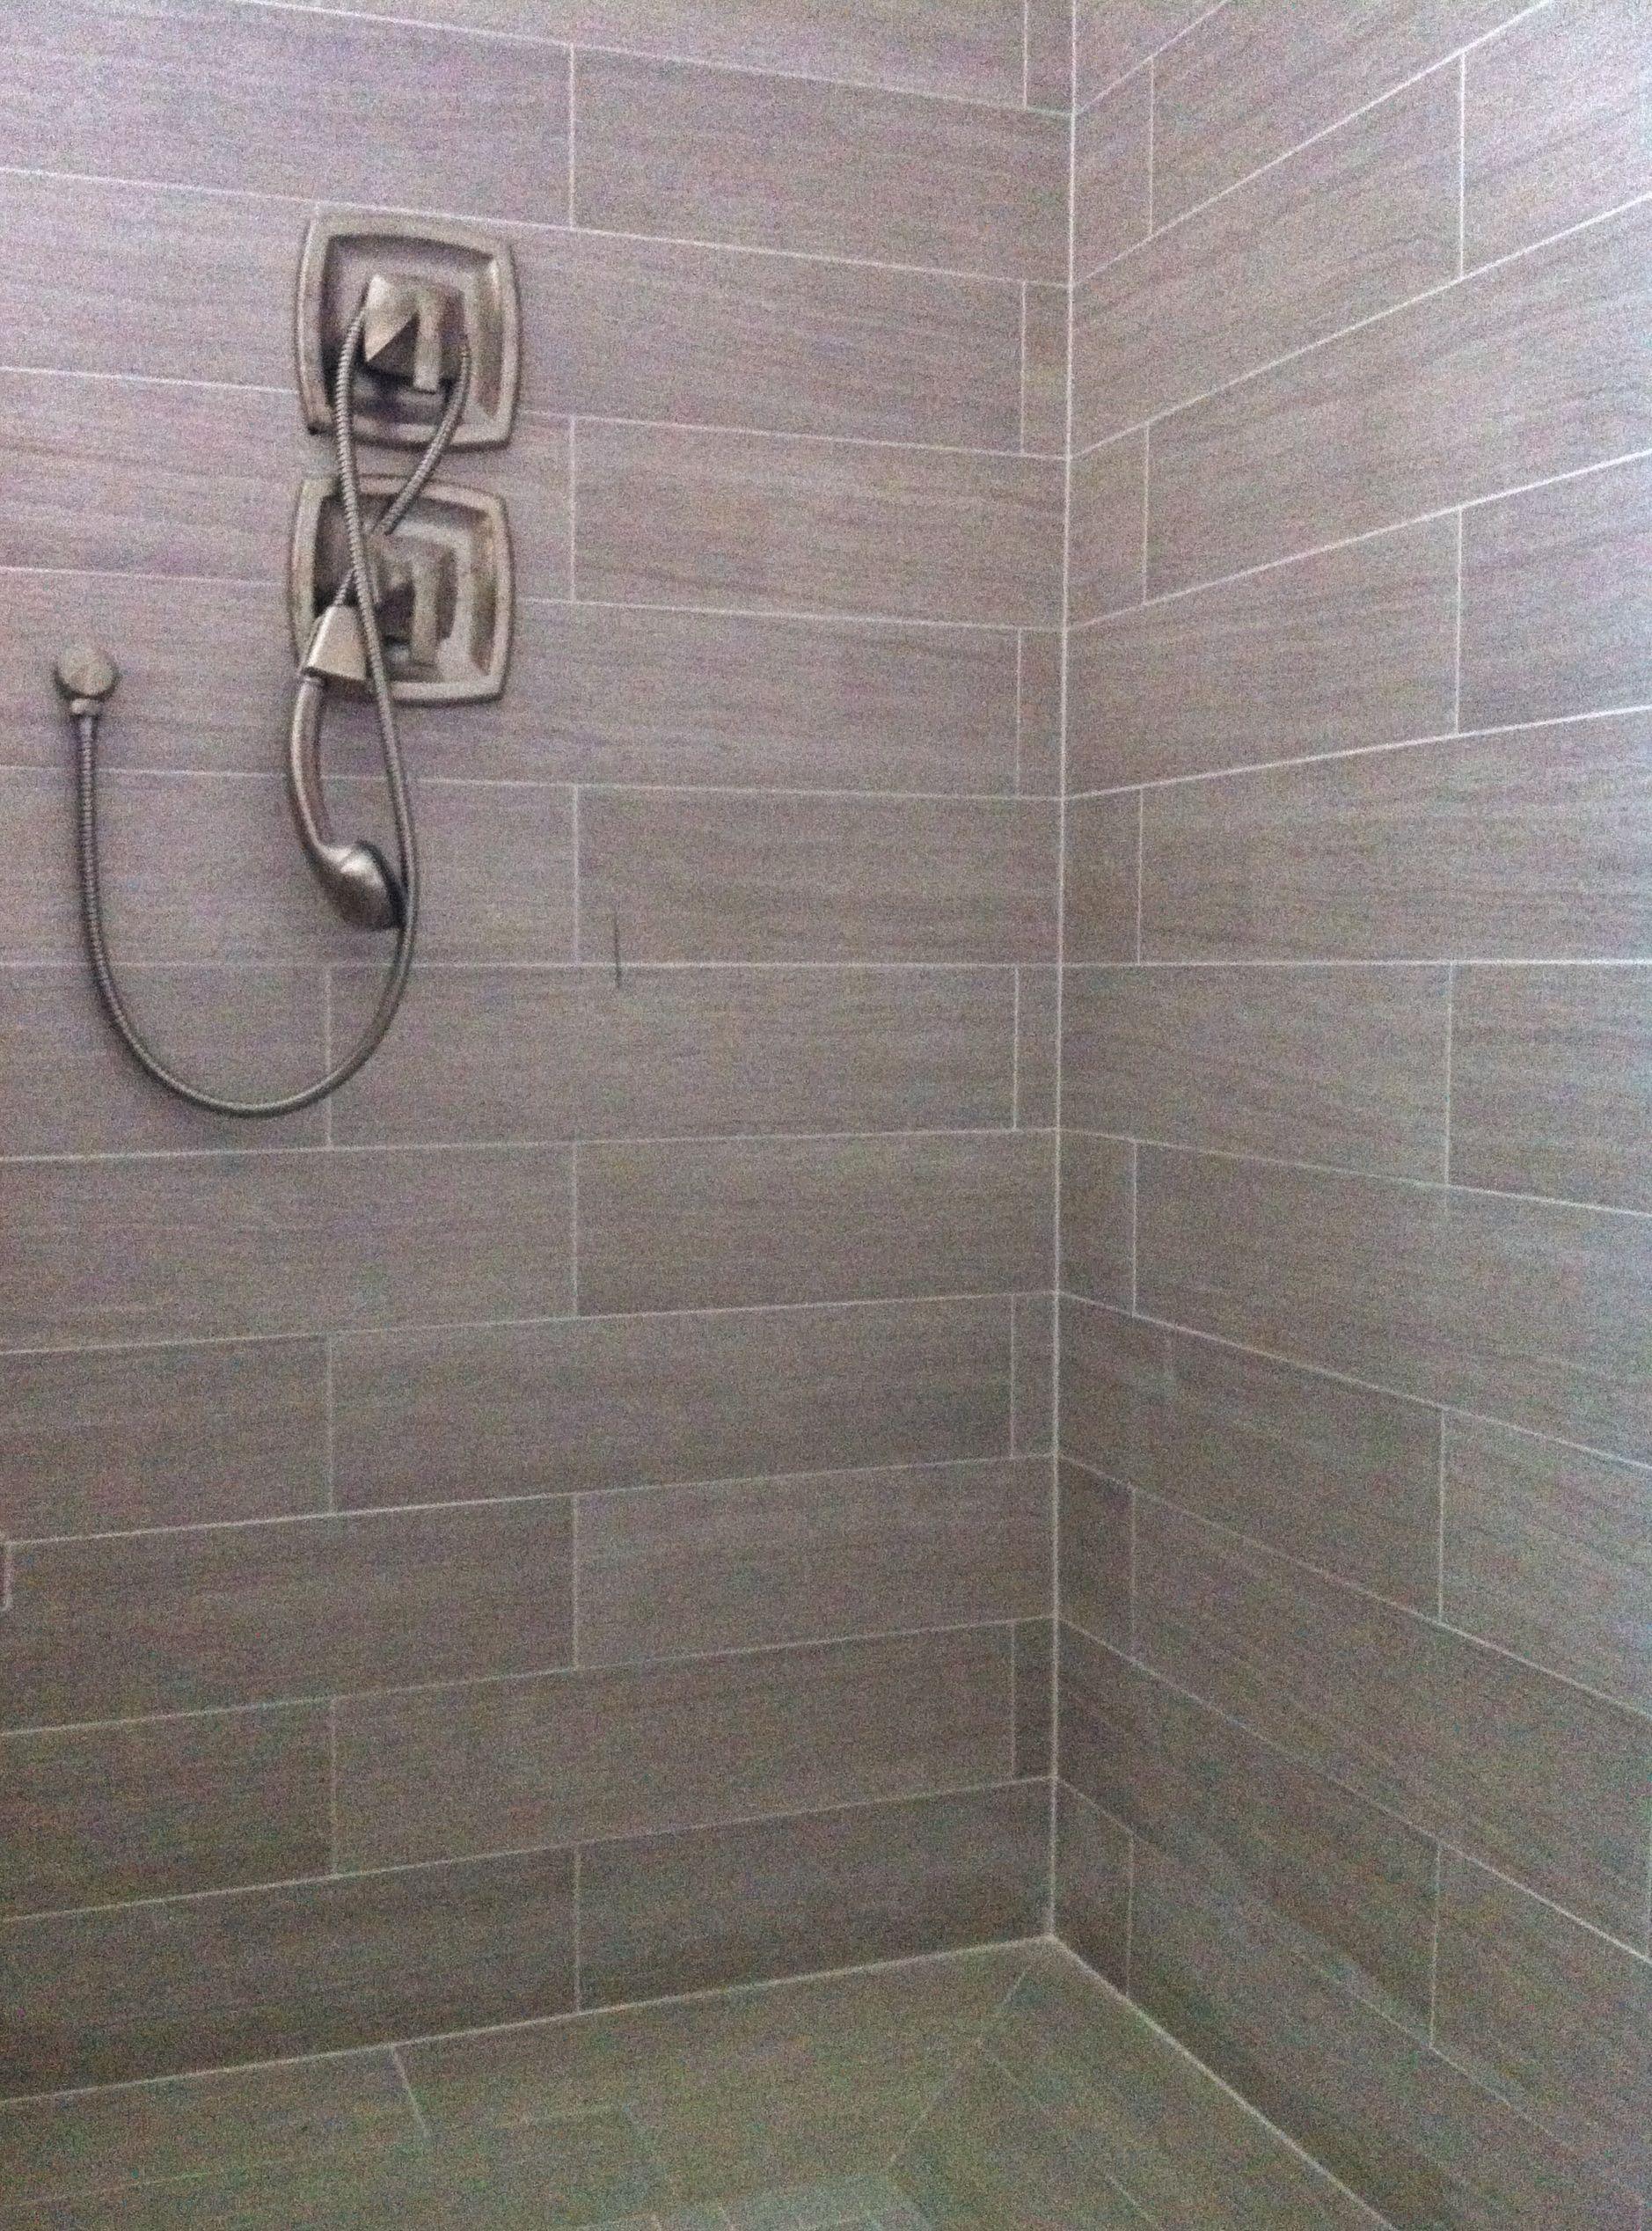 6x24 Porcelain Tile Patterned Bathroom Tiles Tile Bathroom